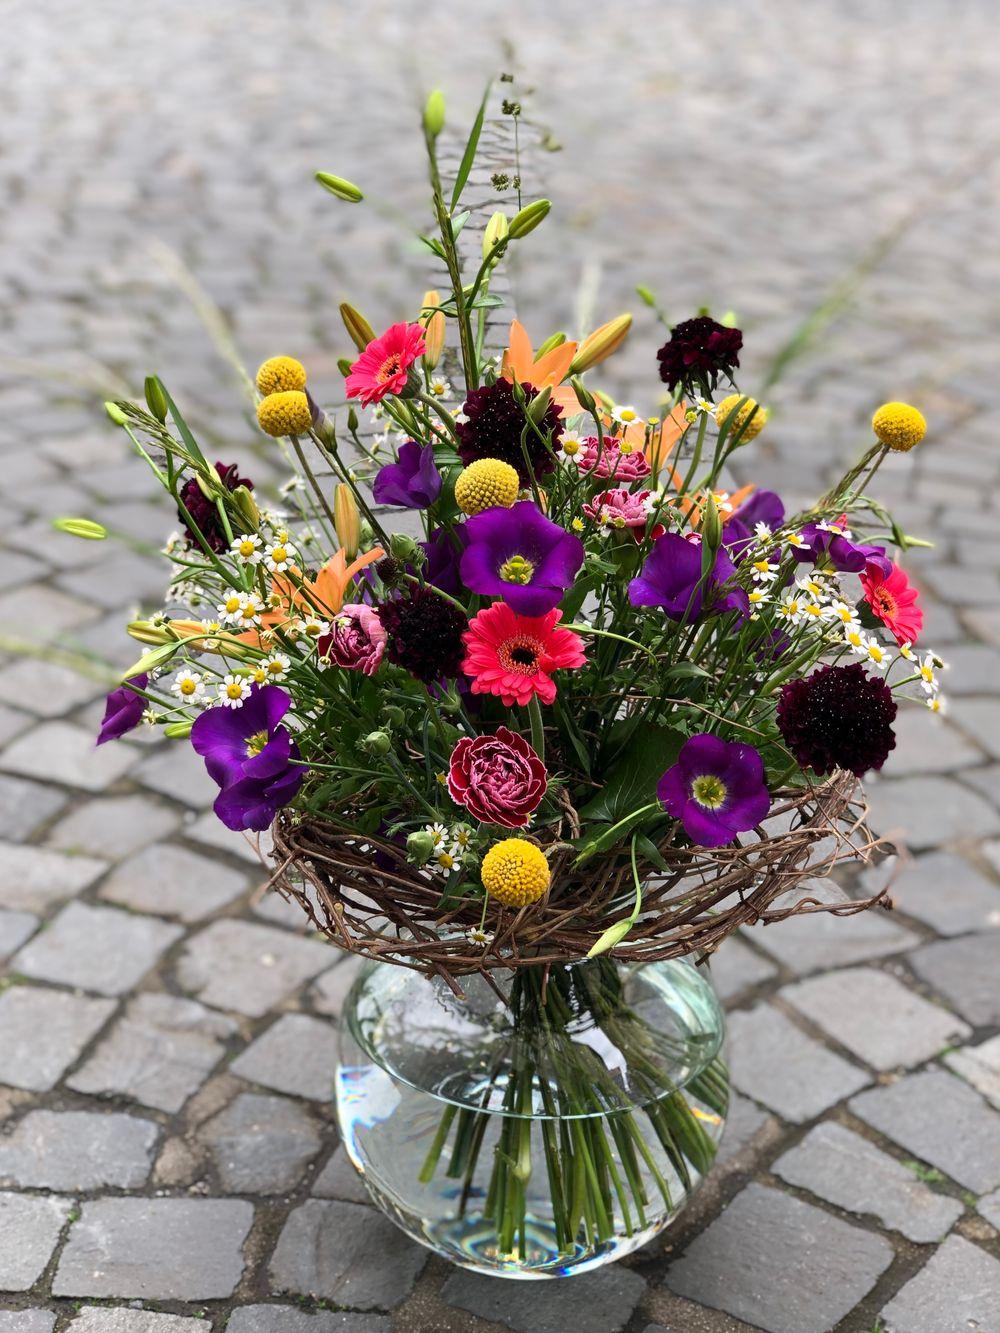 Blumenstrauß rundgebunden - zoom